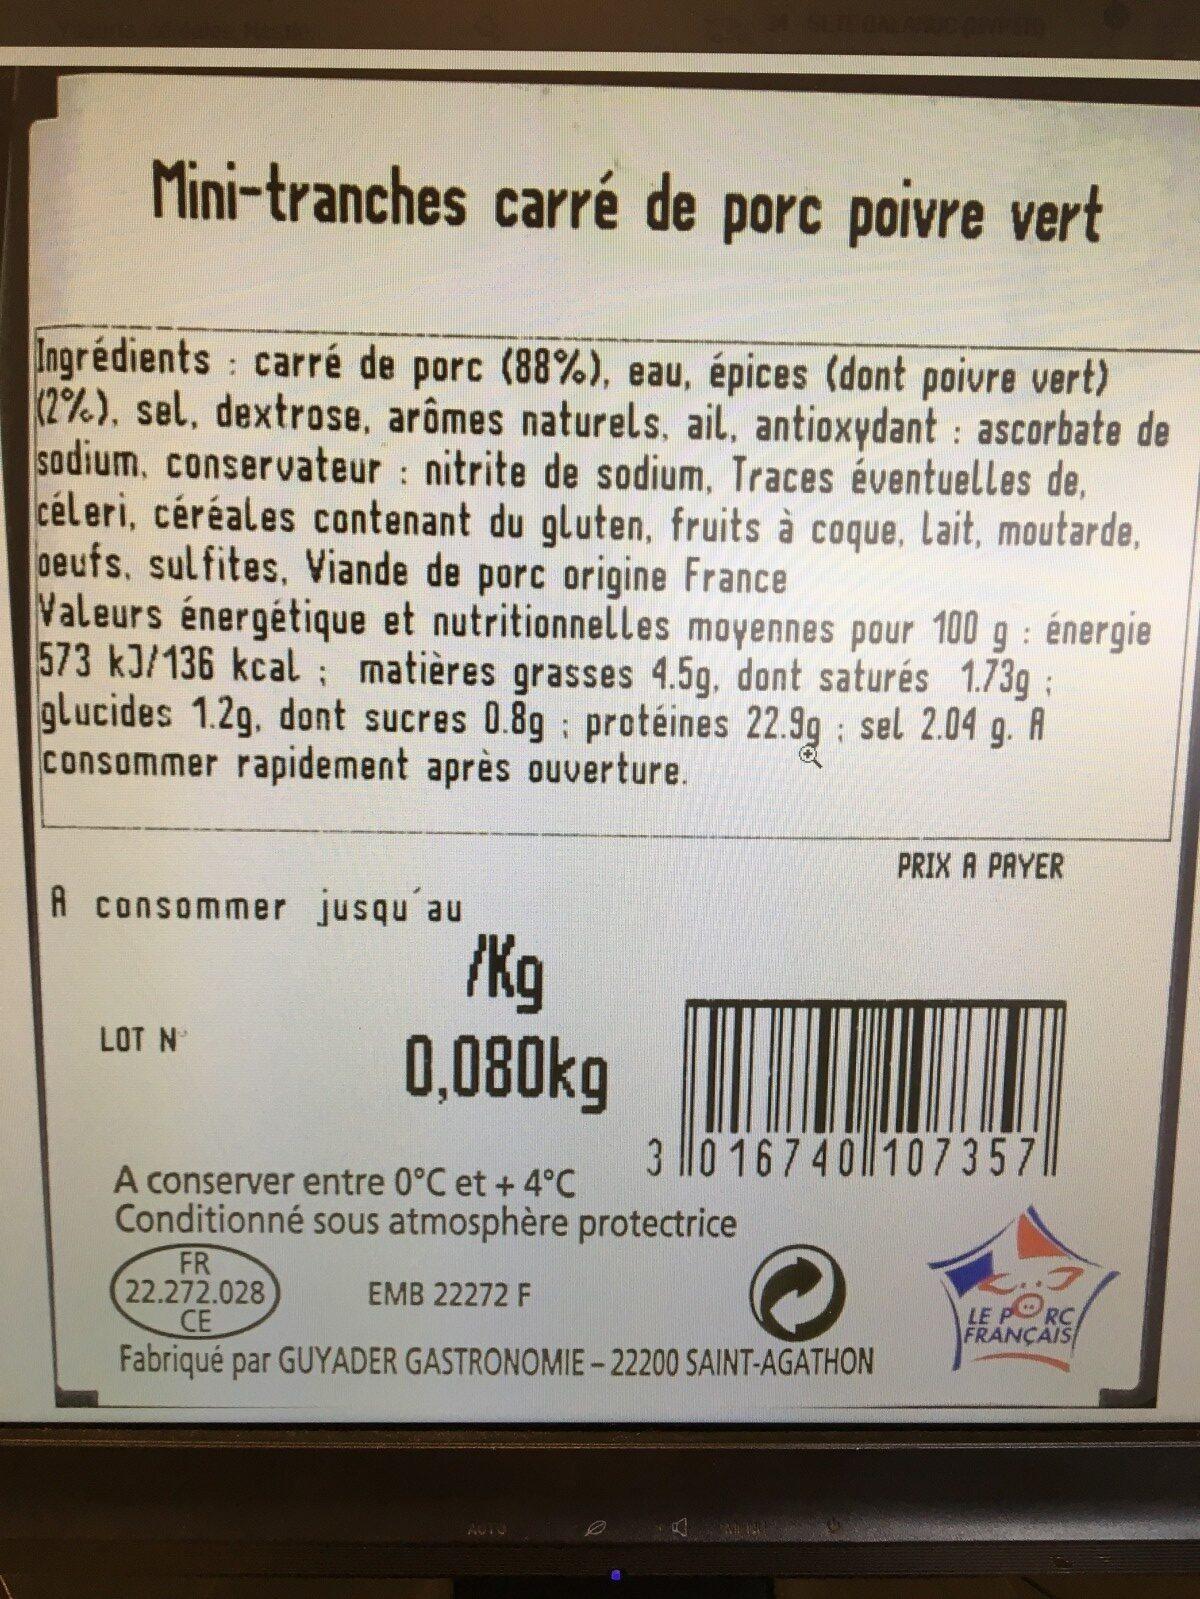 Carre de porc - Ingrédients - fr